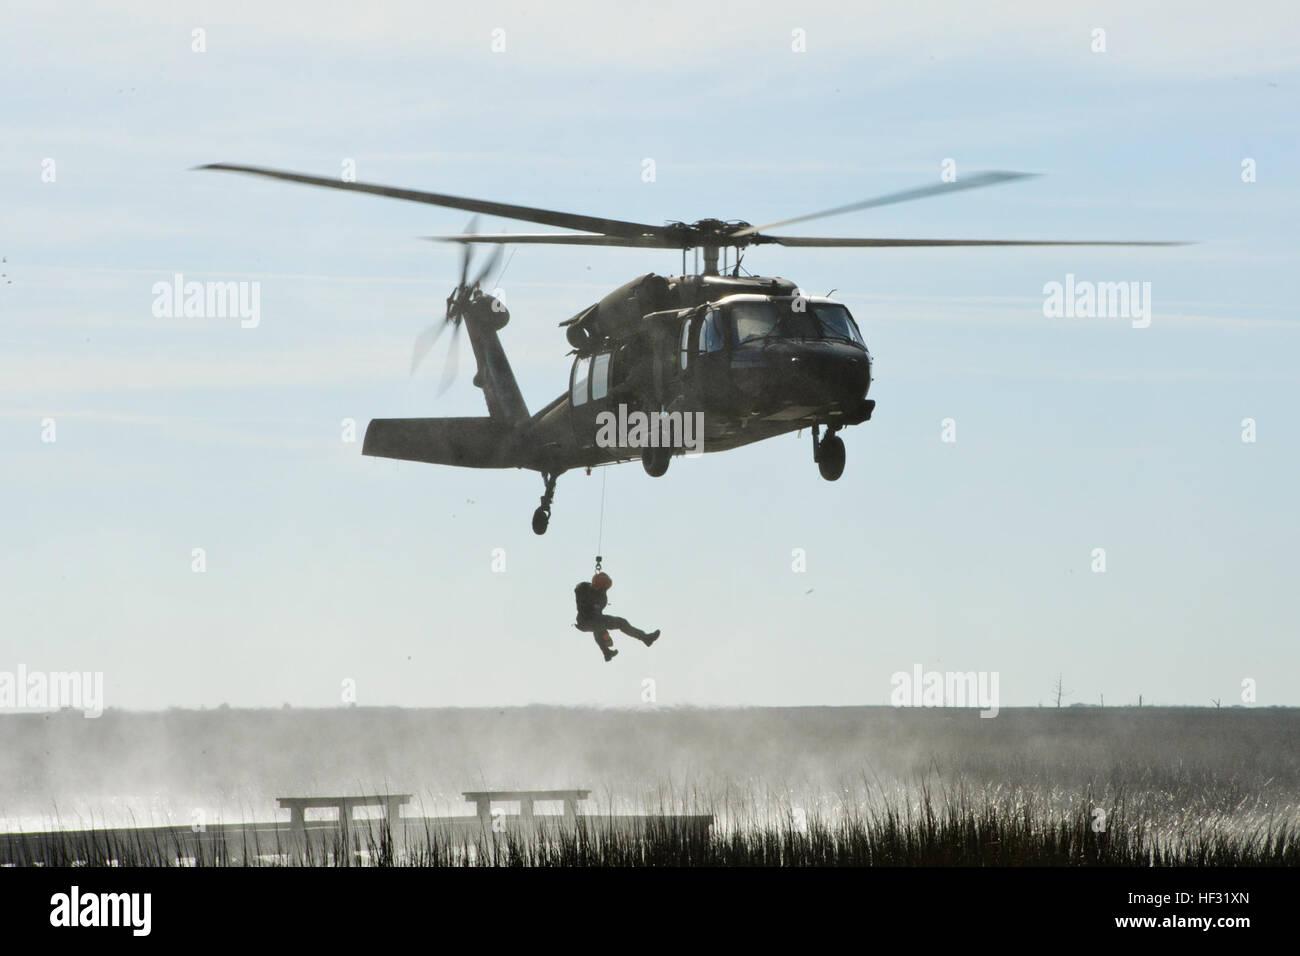 Elicottero 007 : Stati uniti esercito uh 60 black hawk elicottero assegnato all2